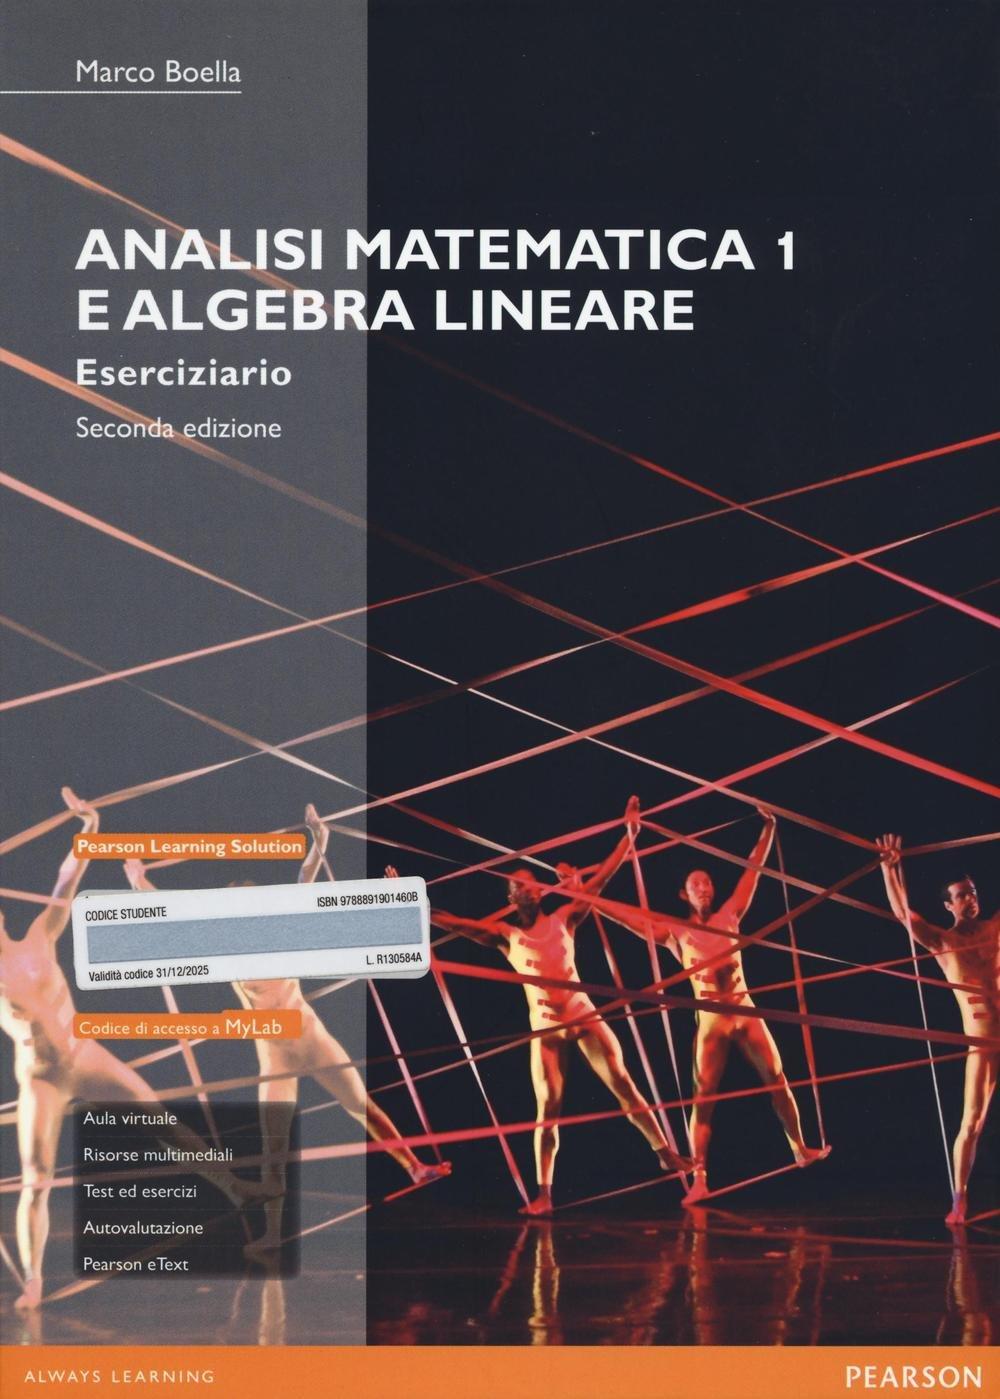 ANALISI MATEMATICA 1 E ALGEBRA LINEARE BOELLA PDF